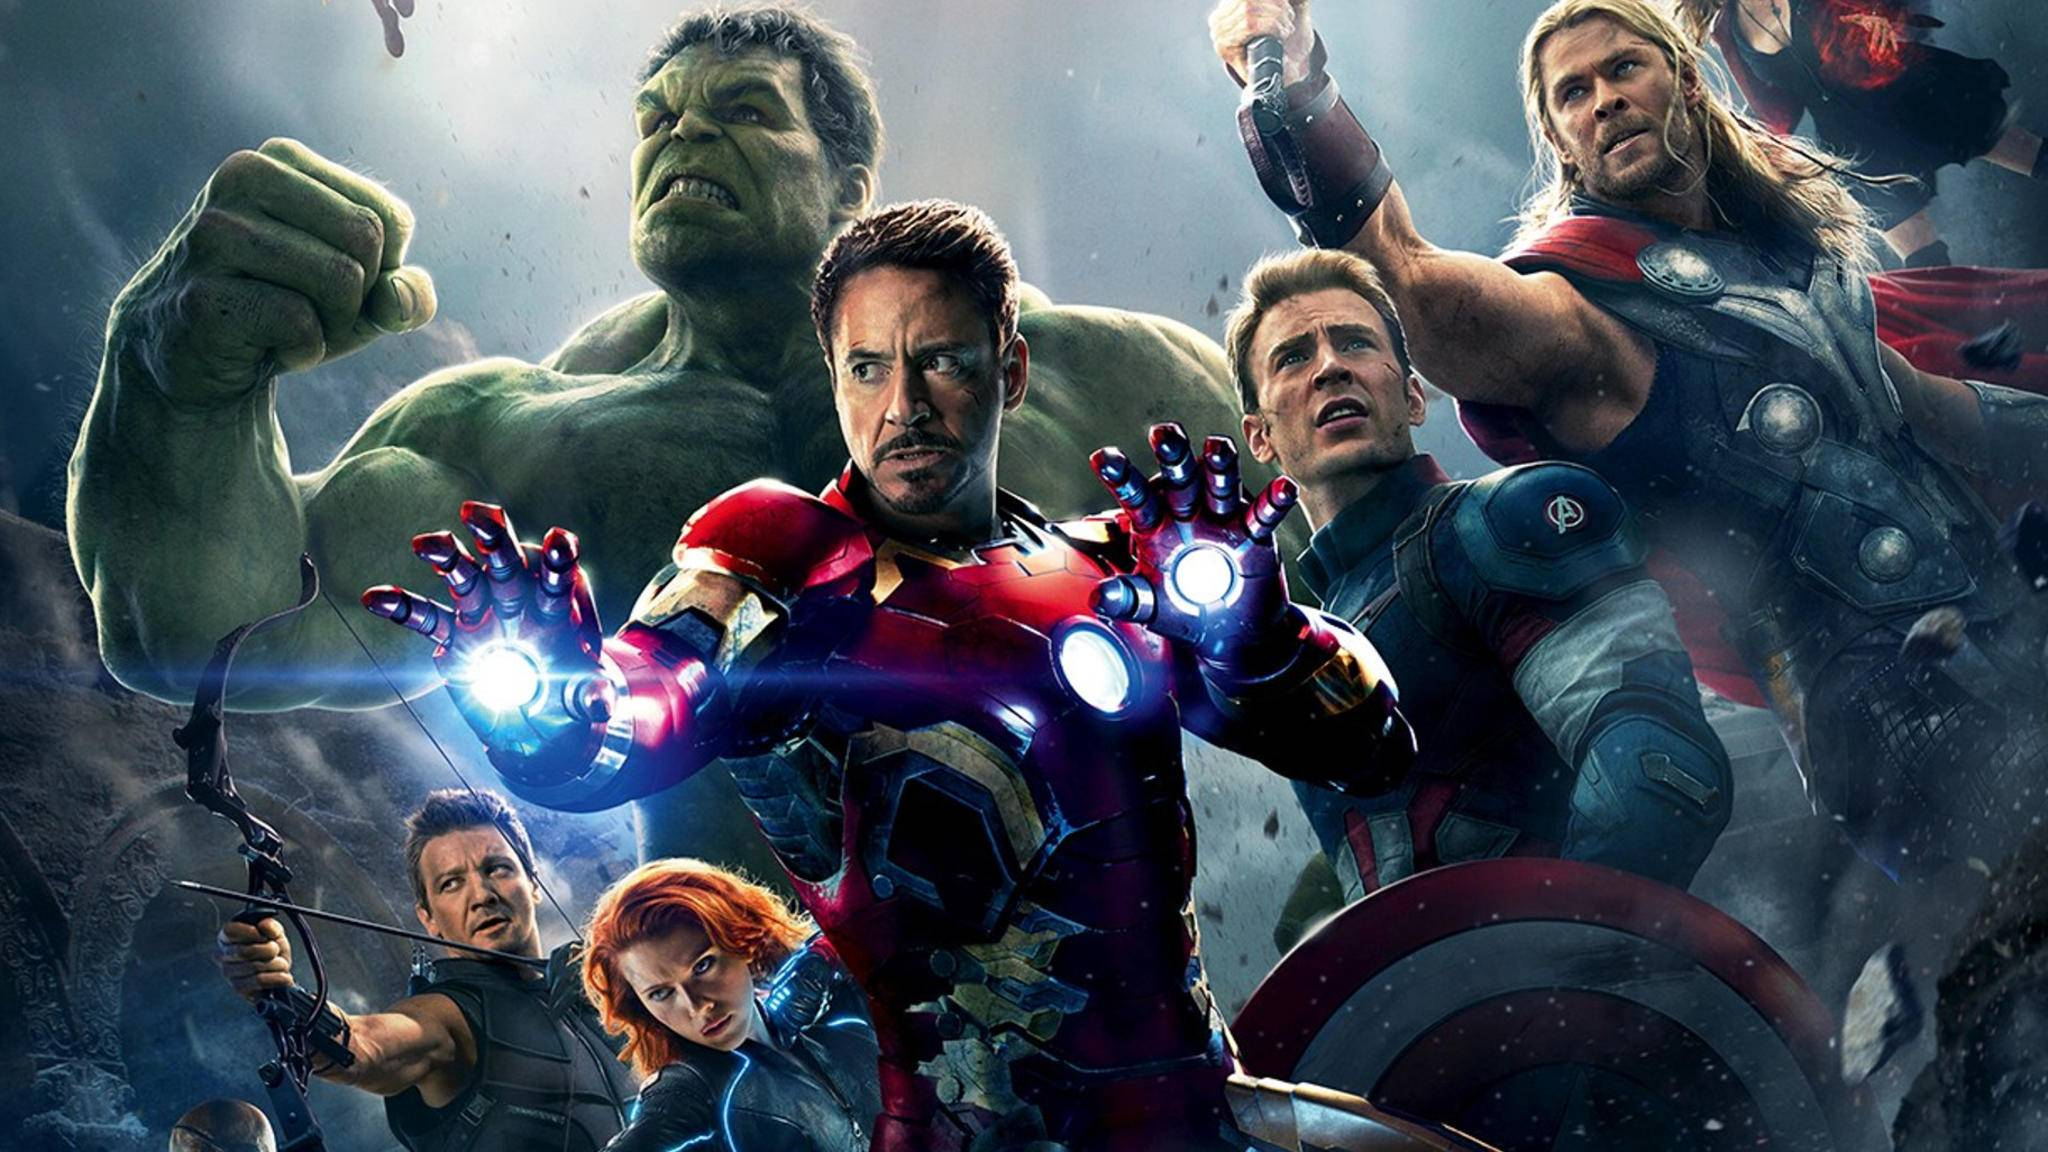 Ein einziger neuer Marvel-Film ist nicht genug: Der Comic-Gigant geht mittlerweile pro Jahr mit drei bis fünf Verfilmungen an den Start.